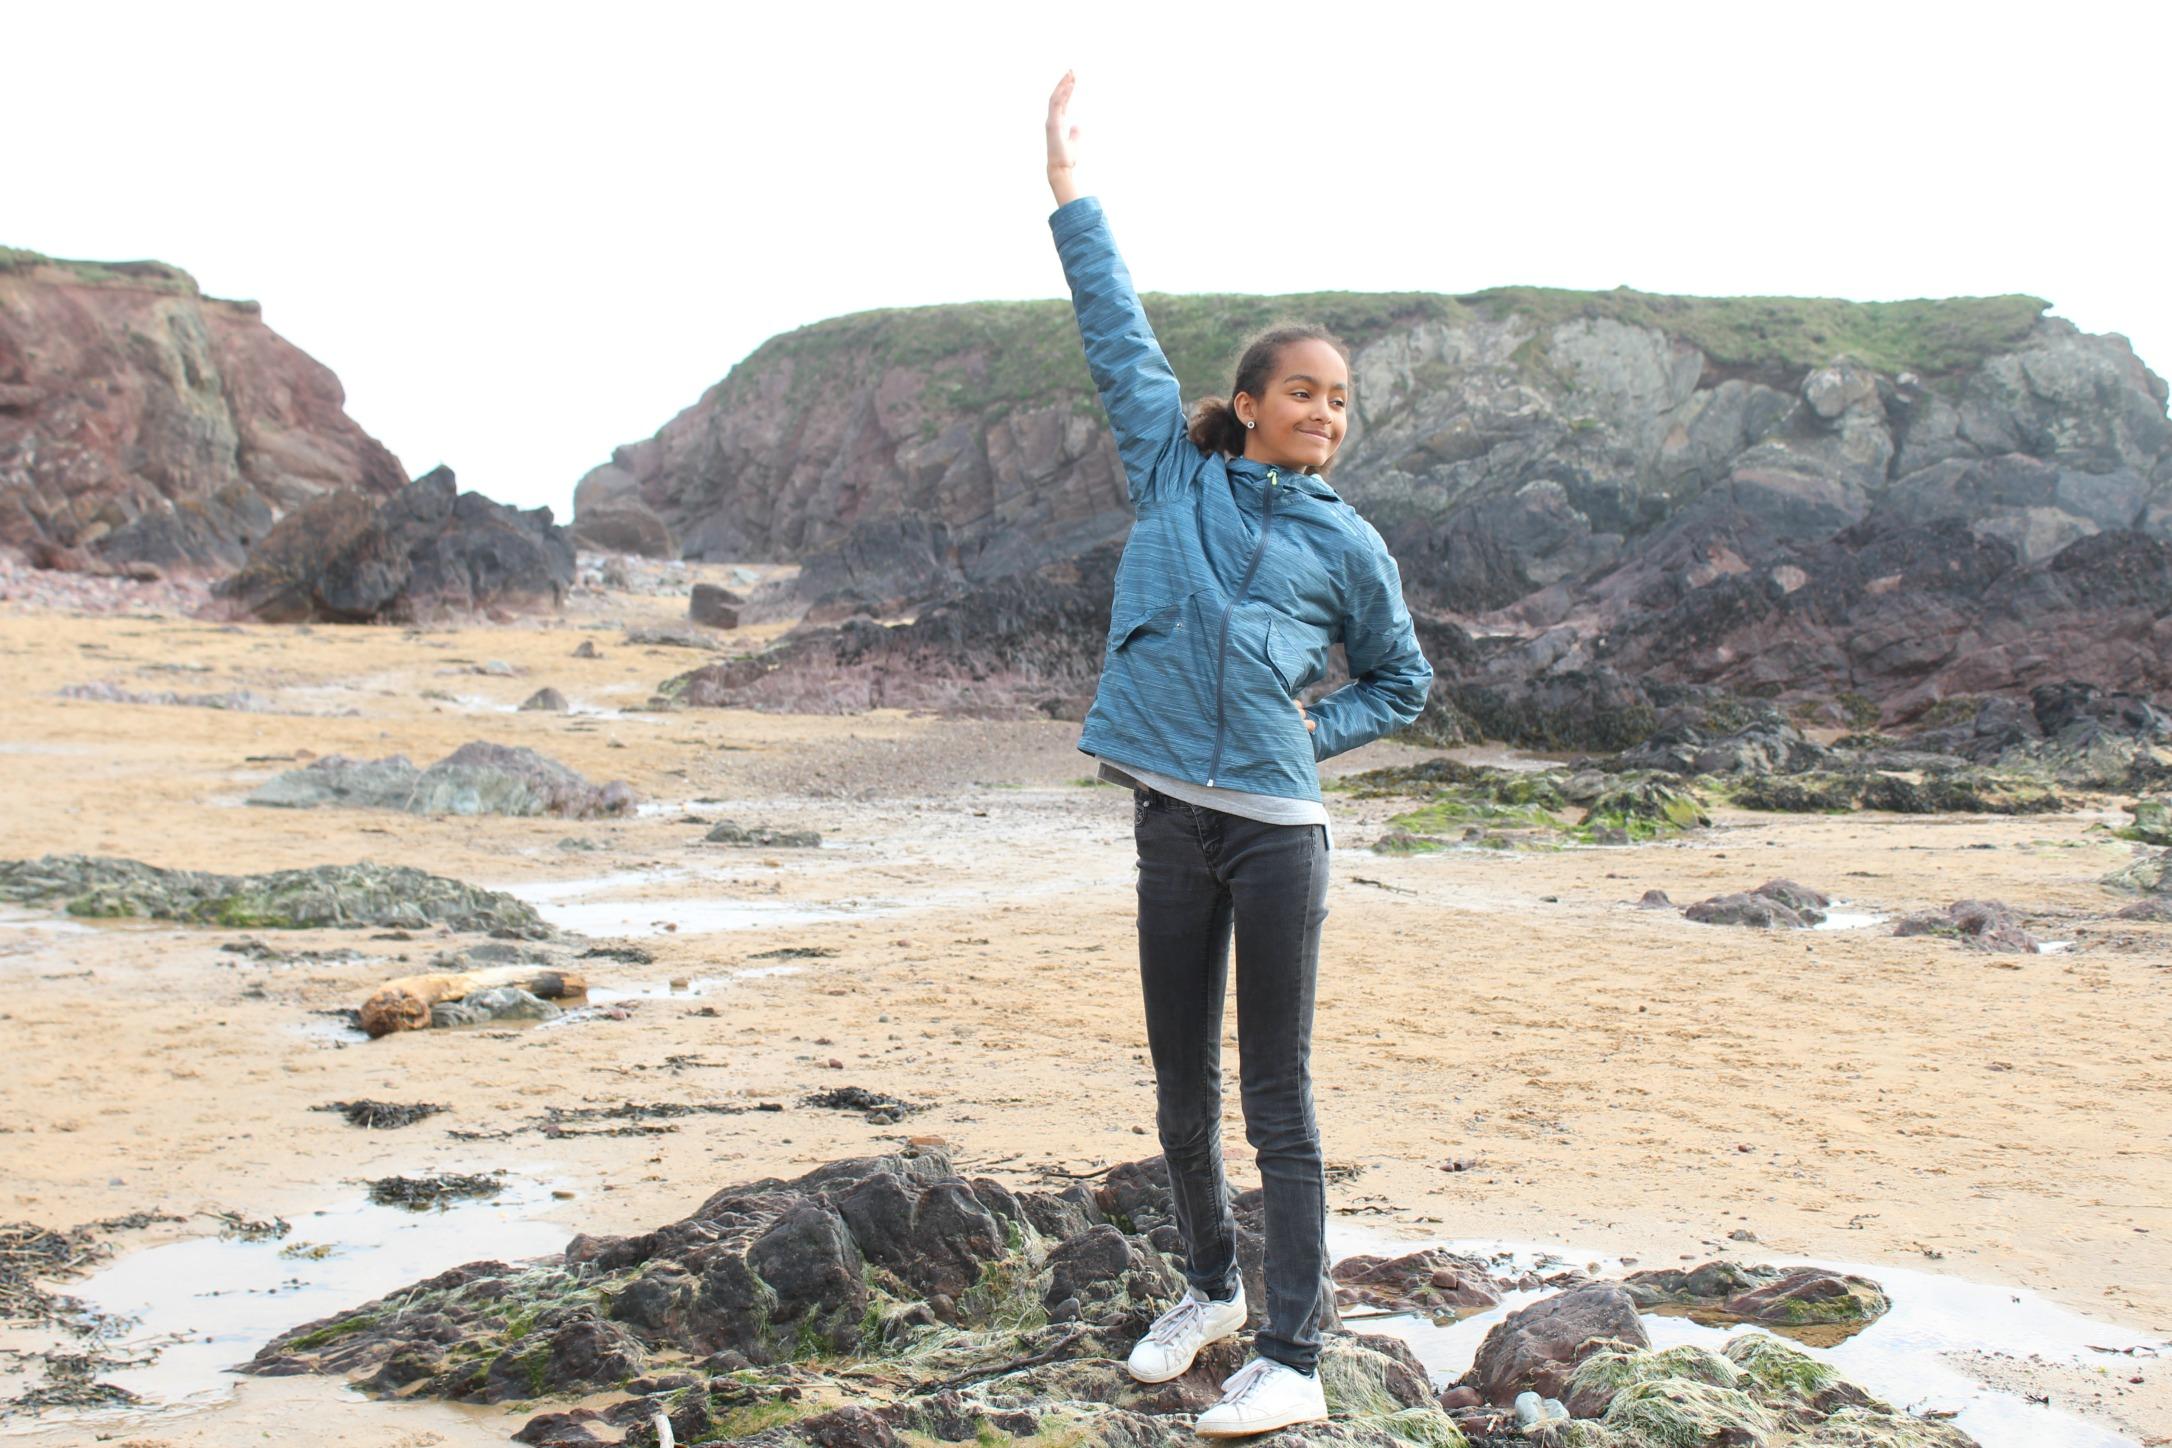 Mijn dochter kreeg een HPV-vaccinatie en overleefde het